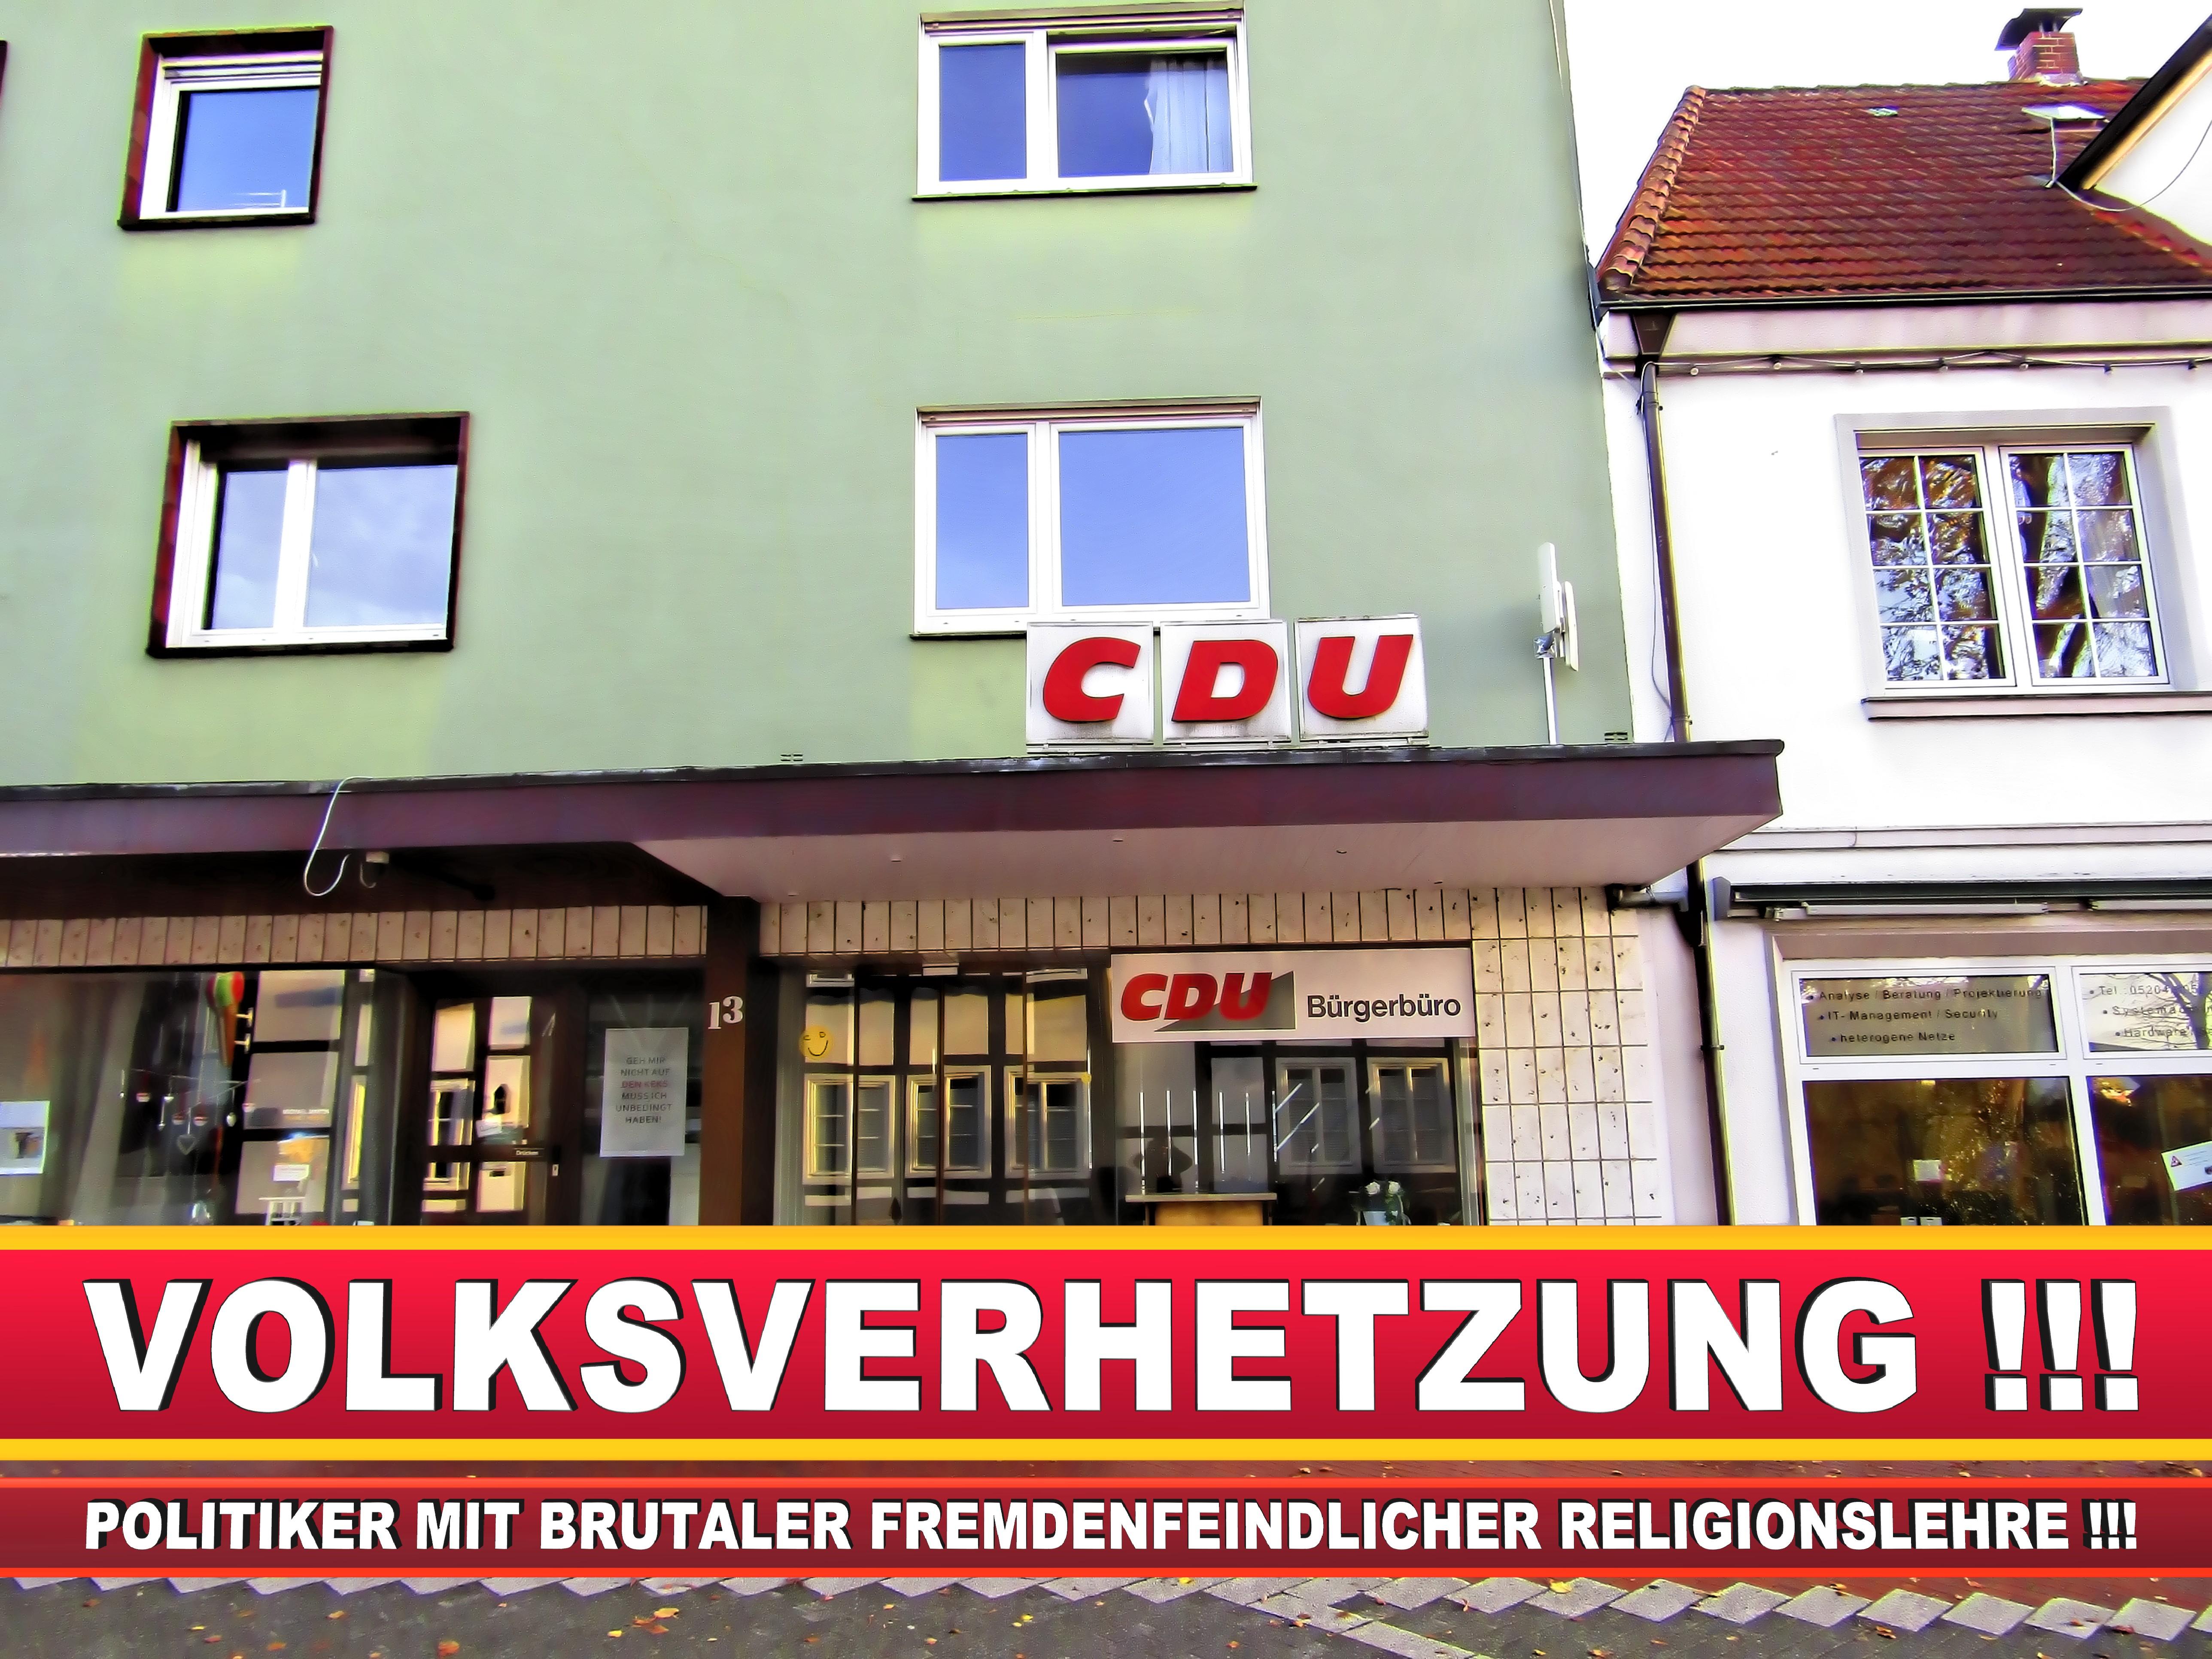 CDU GEMEINDEVERBAND STEINHAGEN AM MARKT 13 33803 STEINHAGEN NRW ORTSVERBAND CDU STEINHAGEN (2)